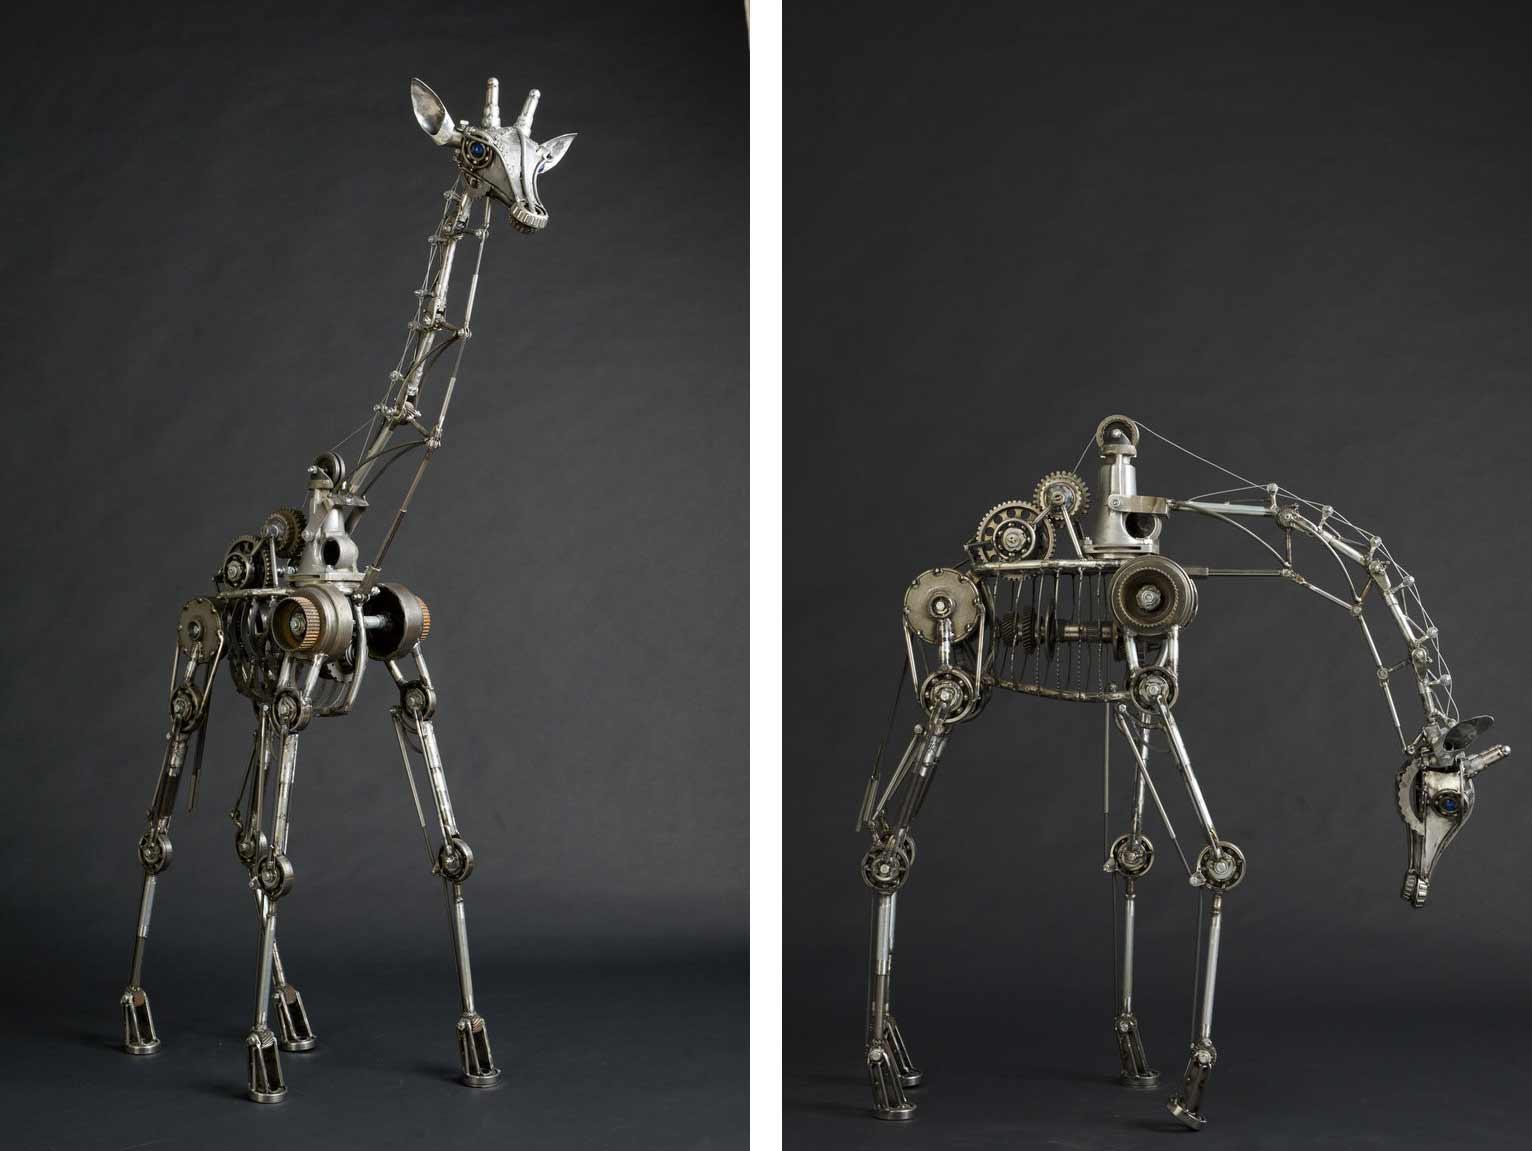 Tierskulpturen aus Metall von Andrew Chase Andrew-Chase-tierskulpturen-metall_08